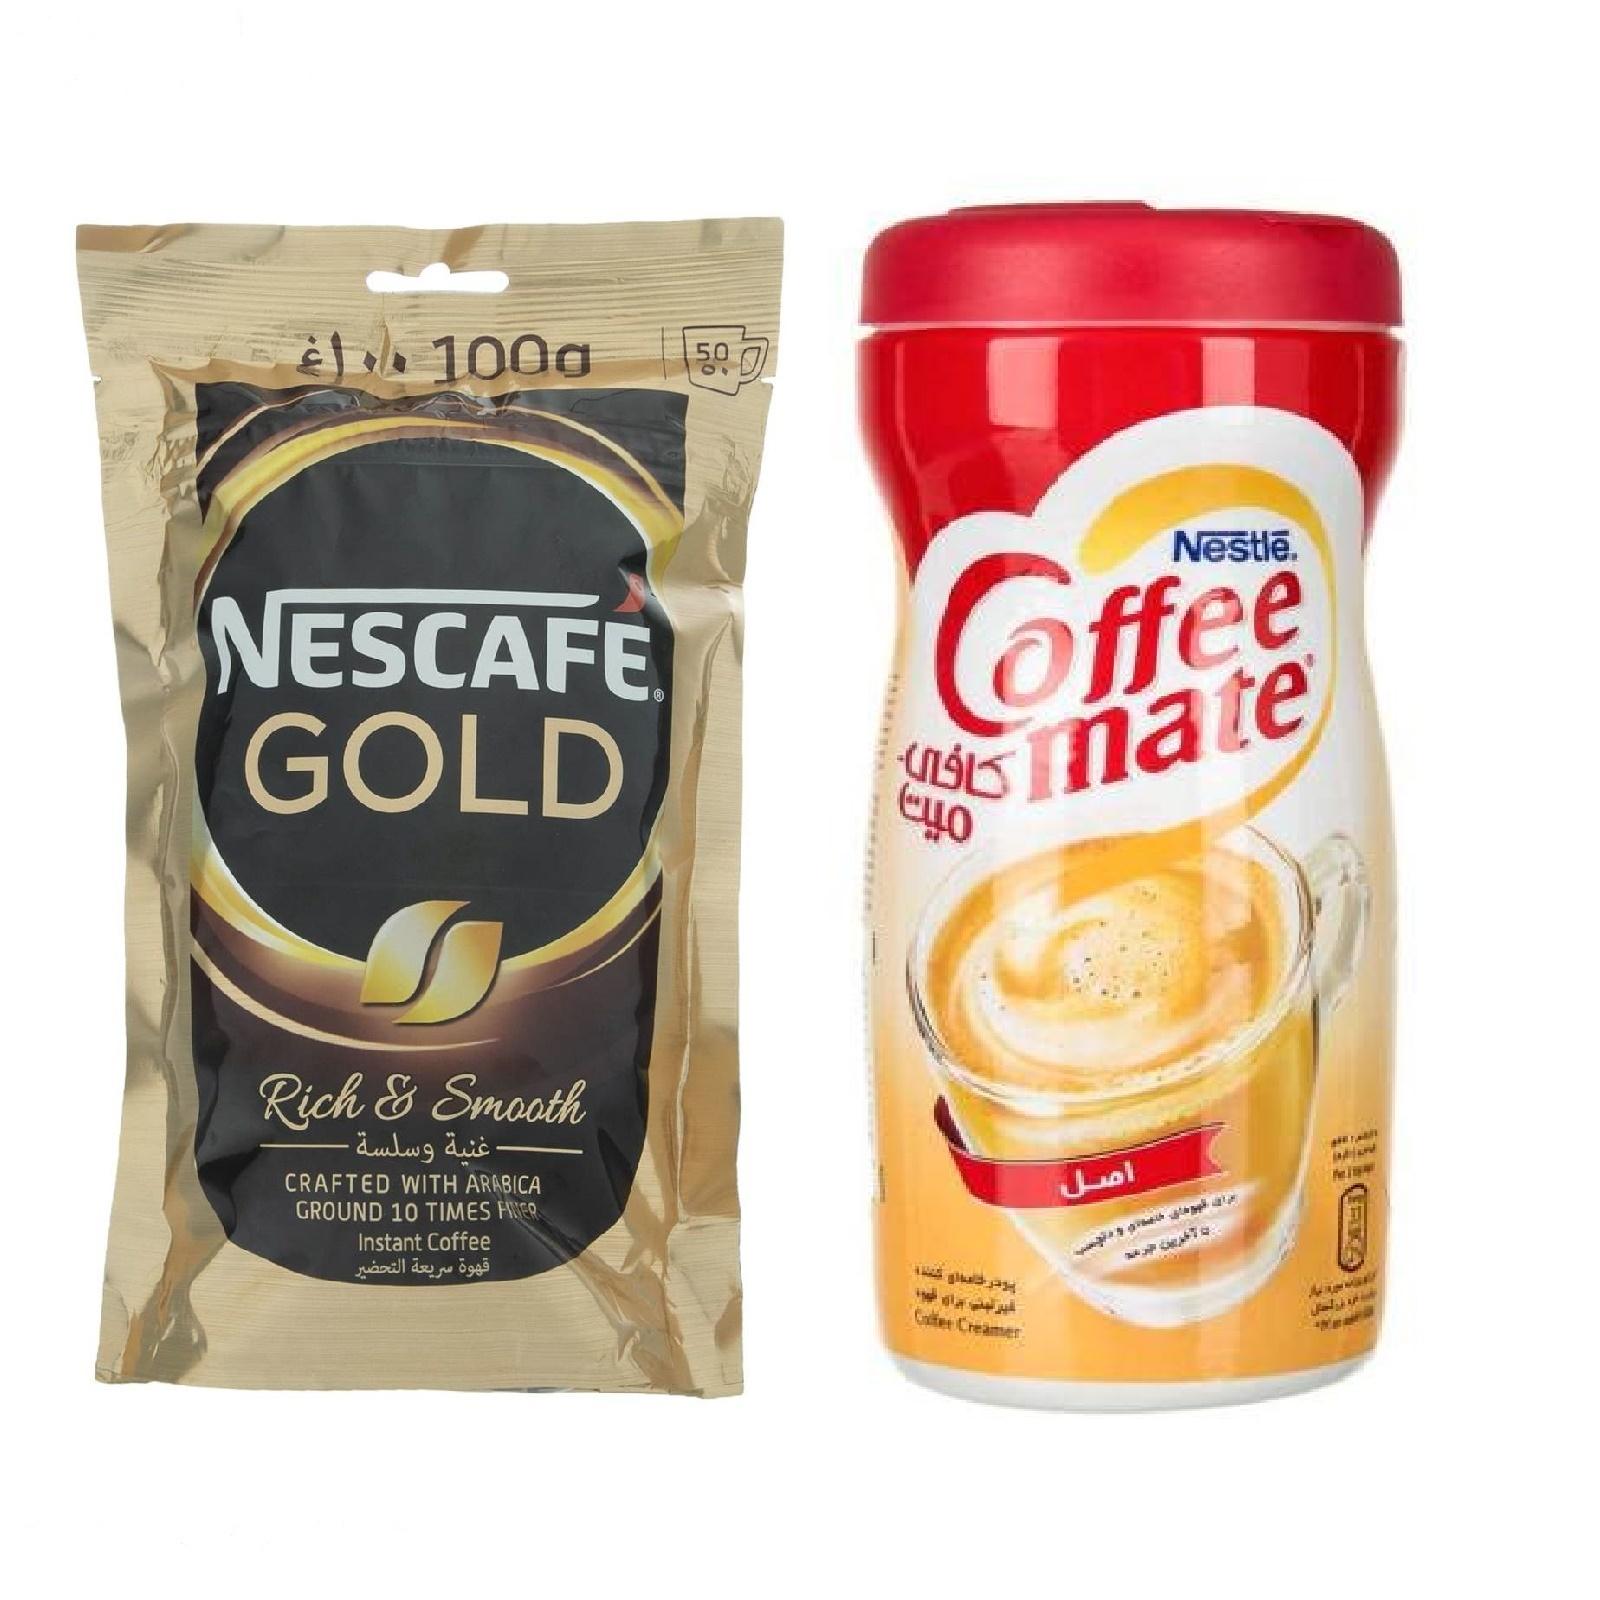 قهوه فوری نسکافه گلد - 100 گرم به همراه کافی میت نستله - 400 گرم